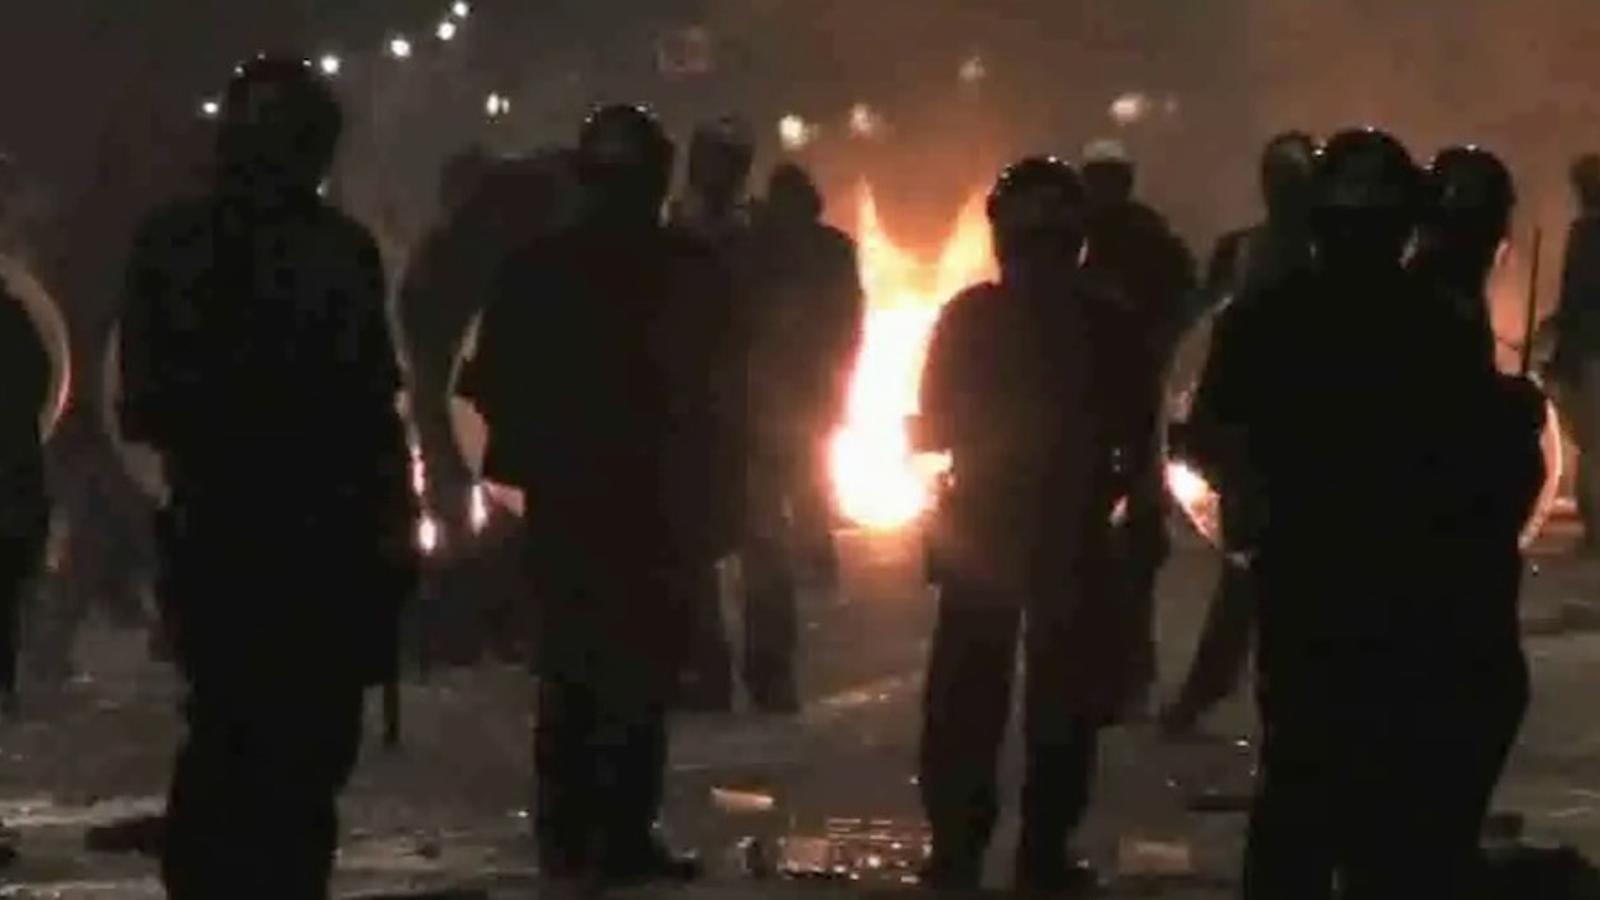 Disturbis a Tottenham, al nord de Londres, per la mort d'un noi detingut per la policia